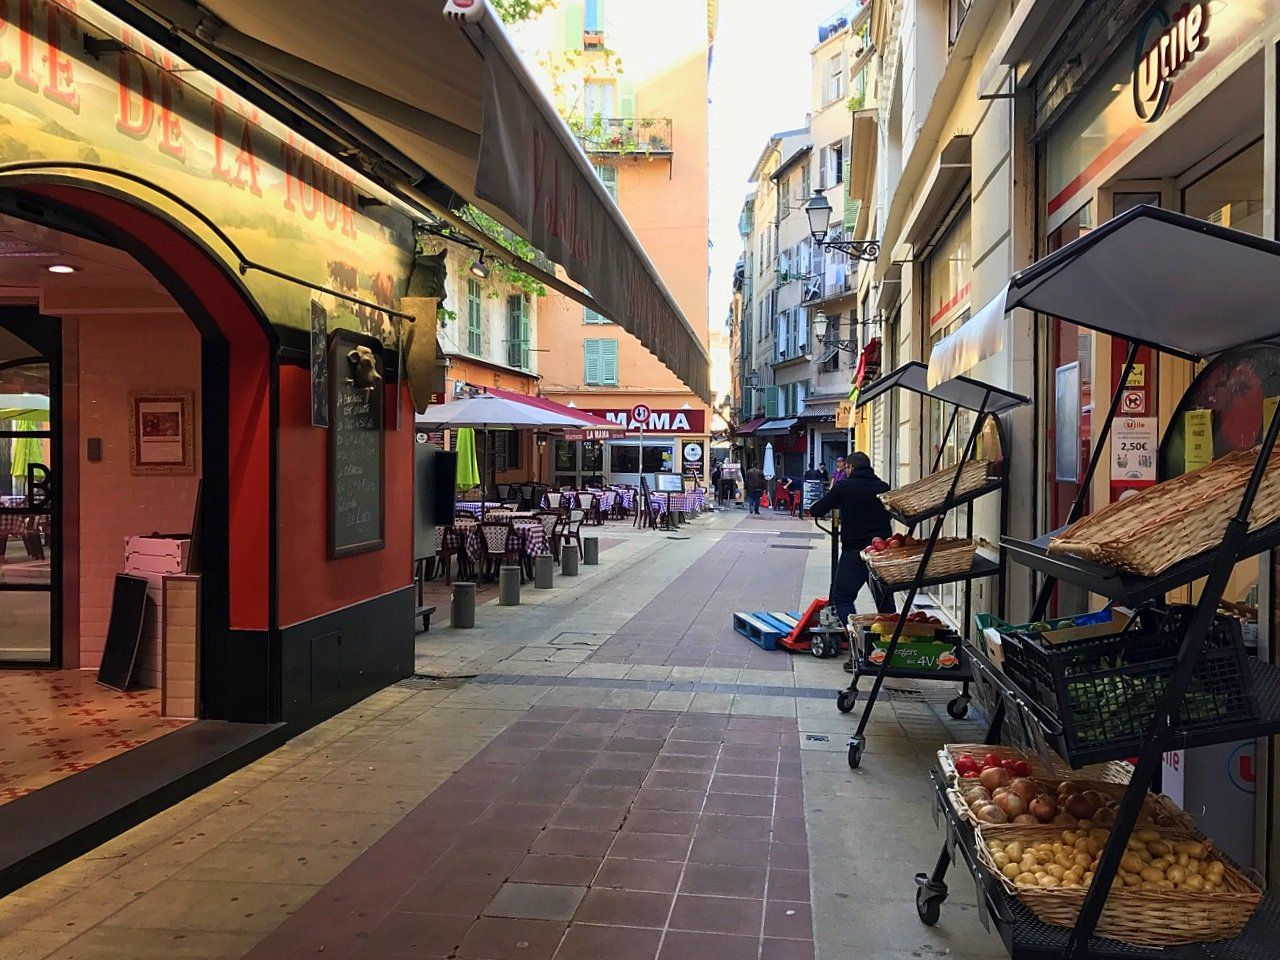 Restaurantes em Vieux Nice